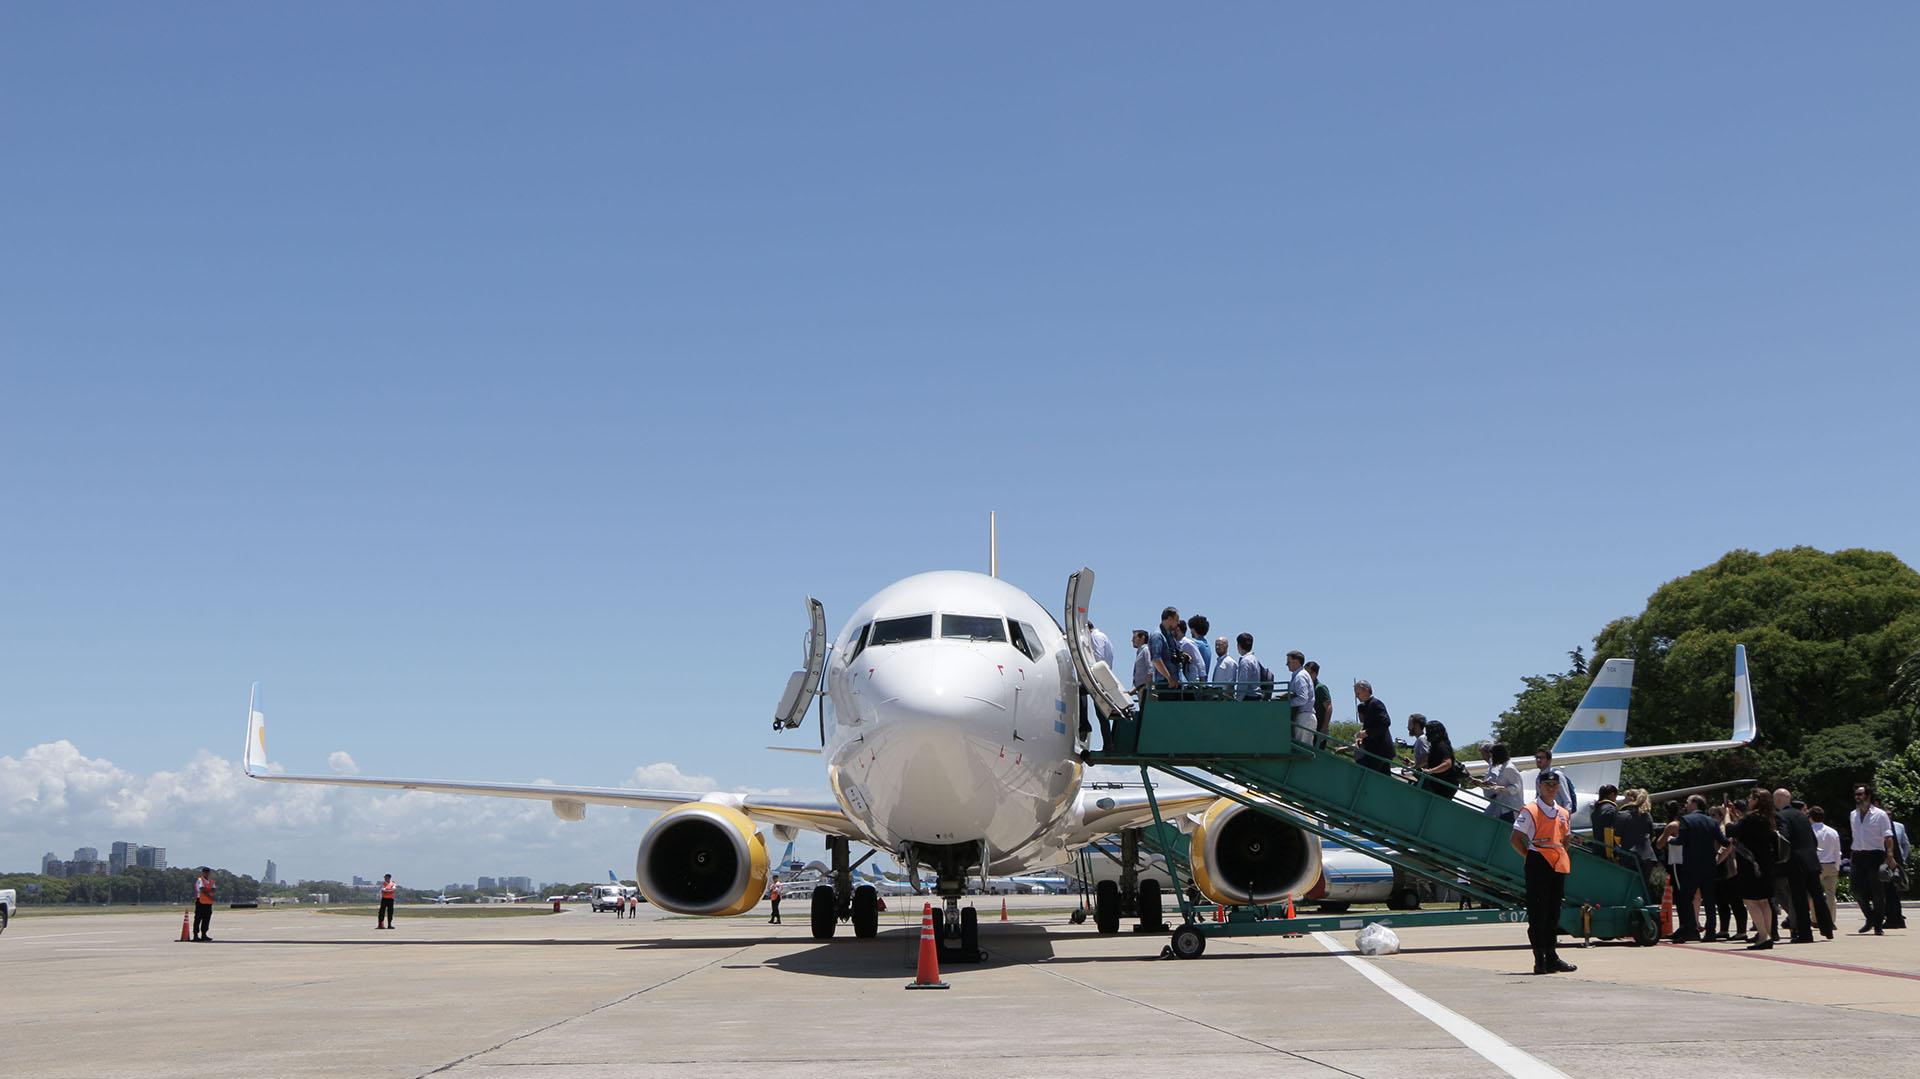 La ruta Buenos Aires-Córdoba llegará a fines de enero, cuando el aeropuerto de El Palomar esté acondicionado para operar dos aviones